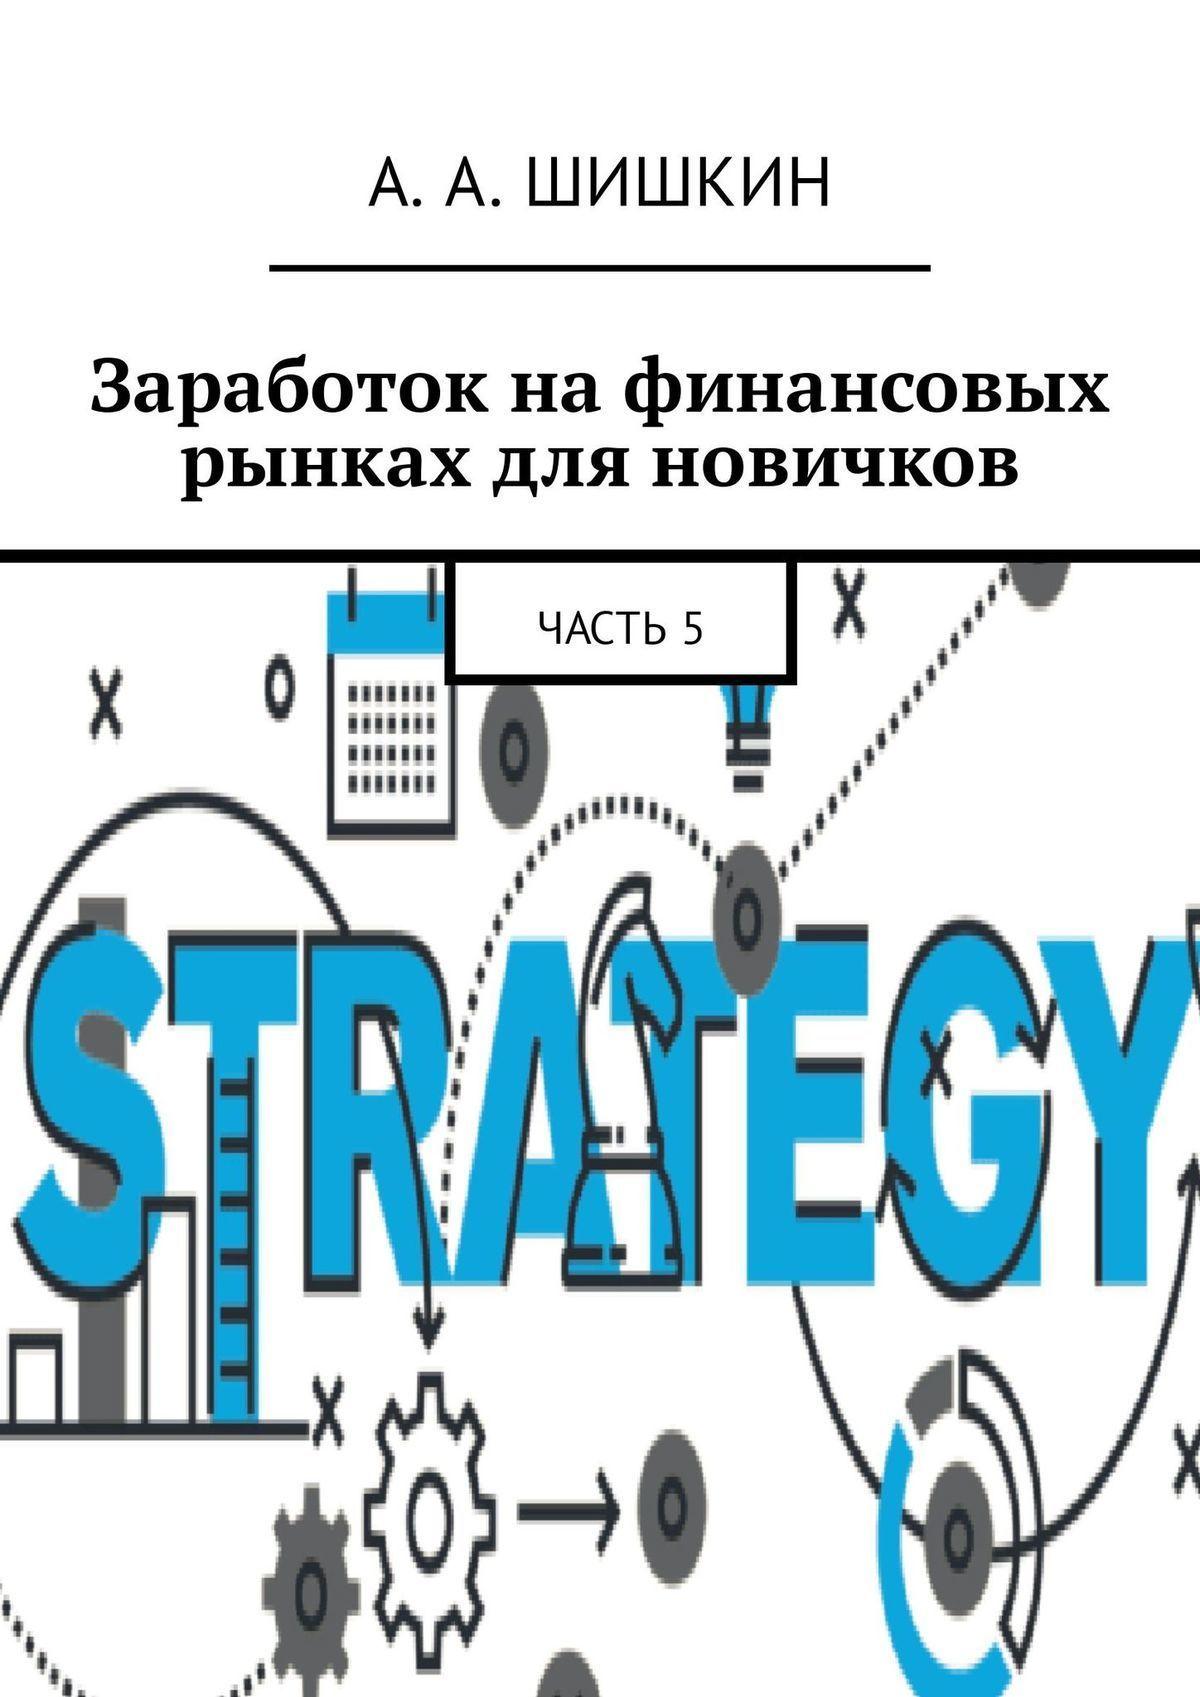 Артём Шишкин - Заработок на финансовых рынках для новичков. Часть5